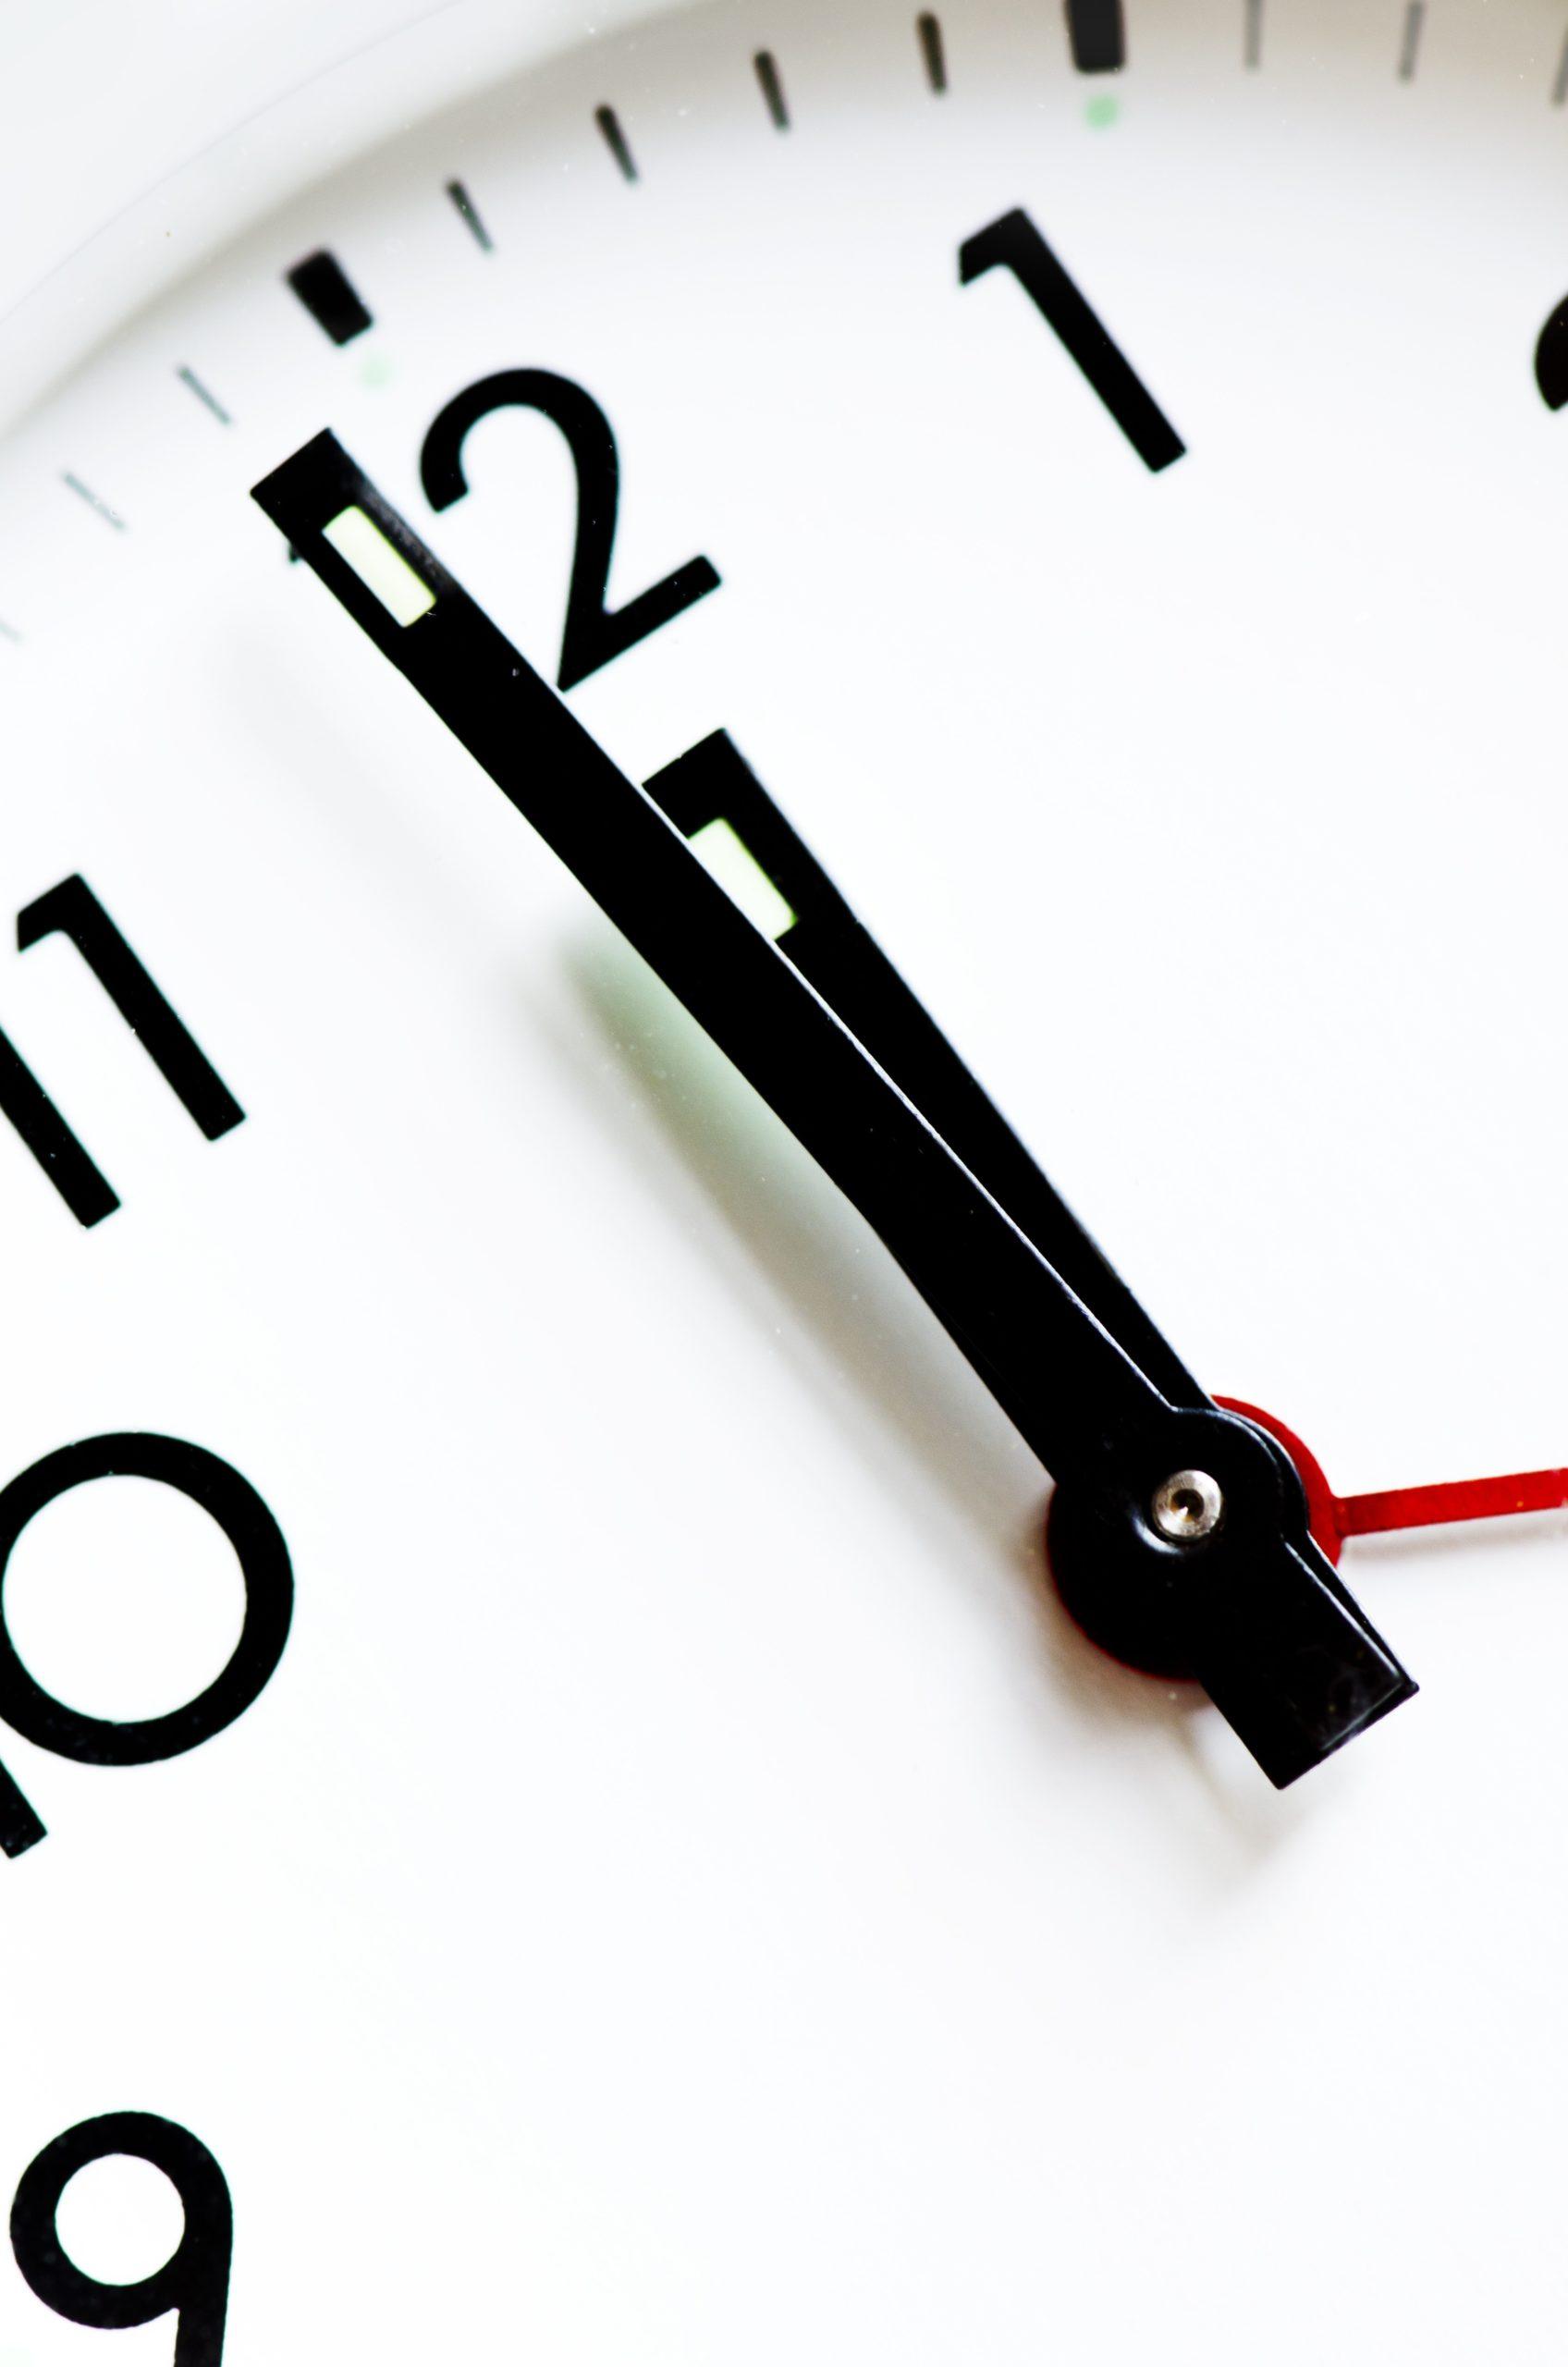 Nahaufnahme des Ziffernblattes eines Weckers. Die Zeiger stehen auf kurz vor zwölf Uhr.